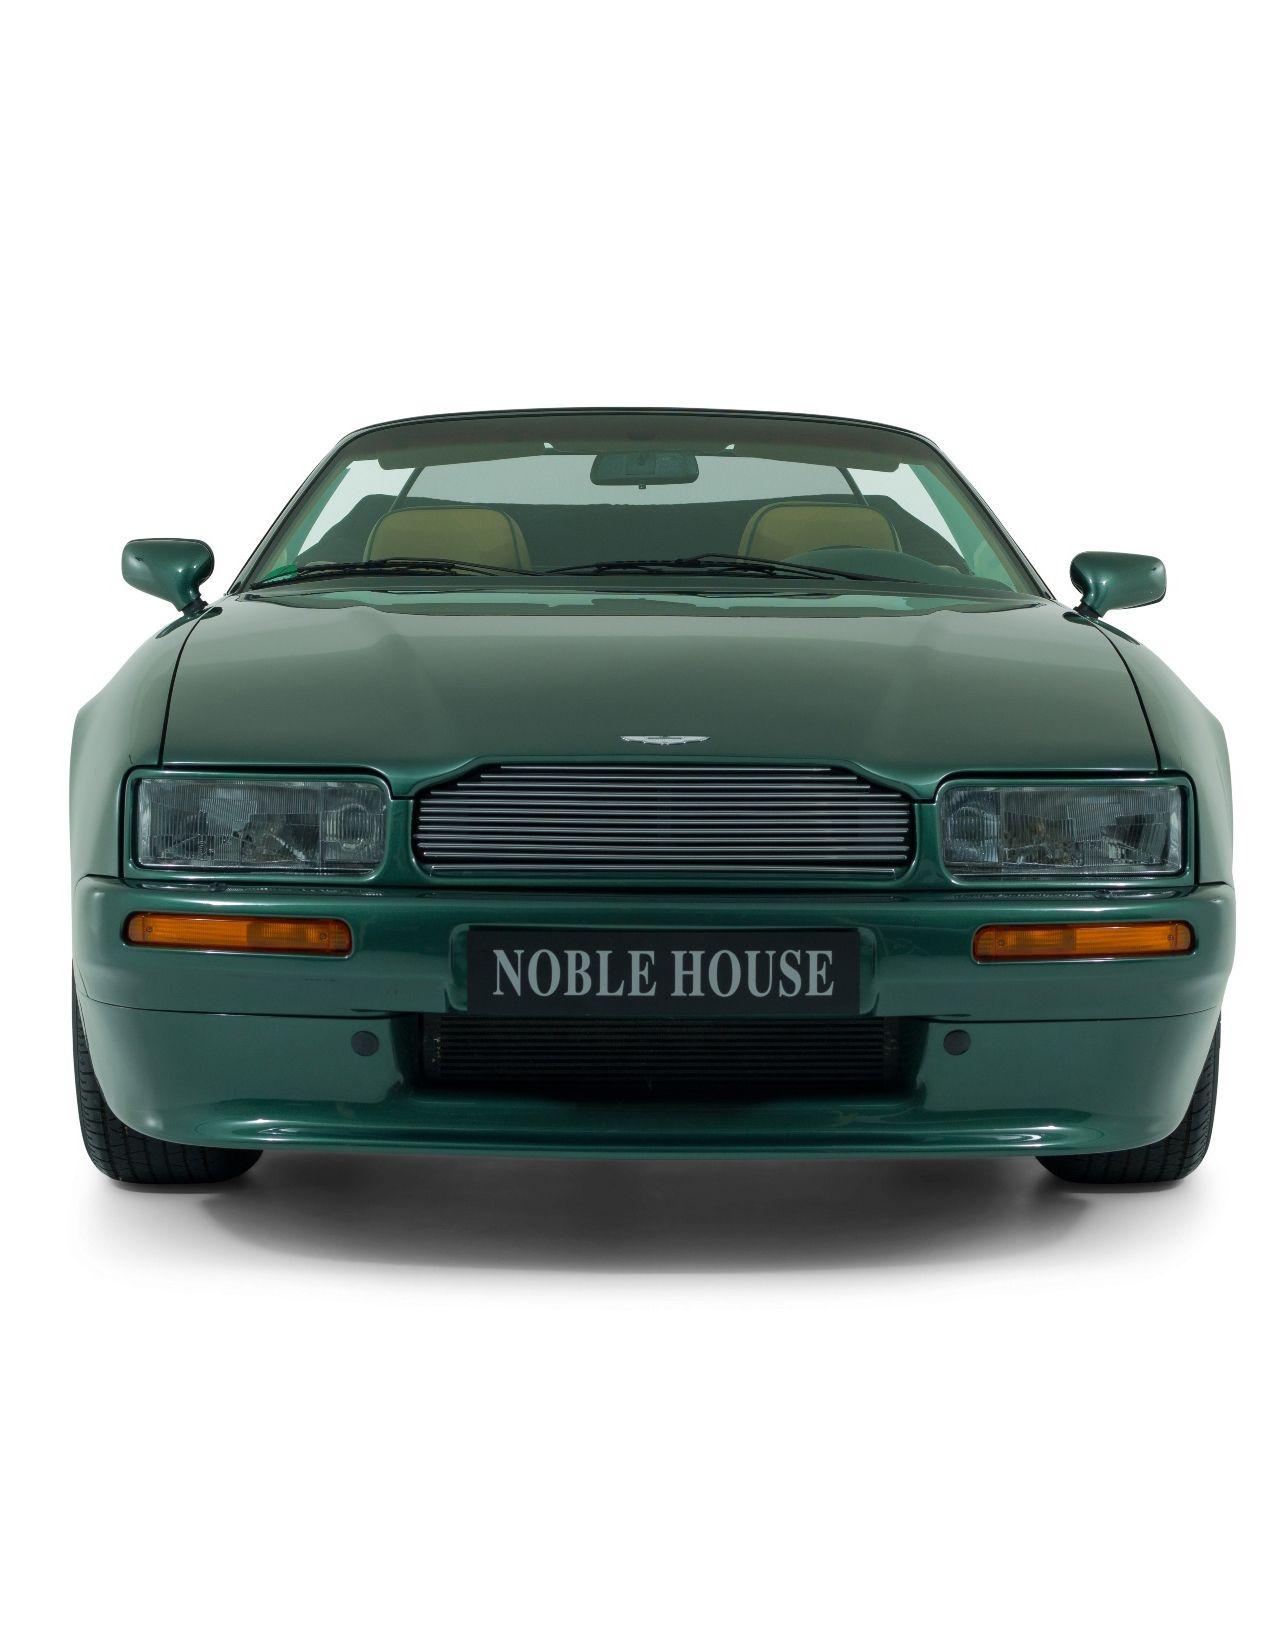 1992 Aston Martin Virage Aston Martin Virage Aston Martin Lagonda Aston Martin